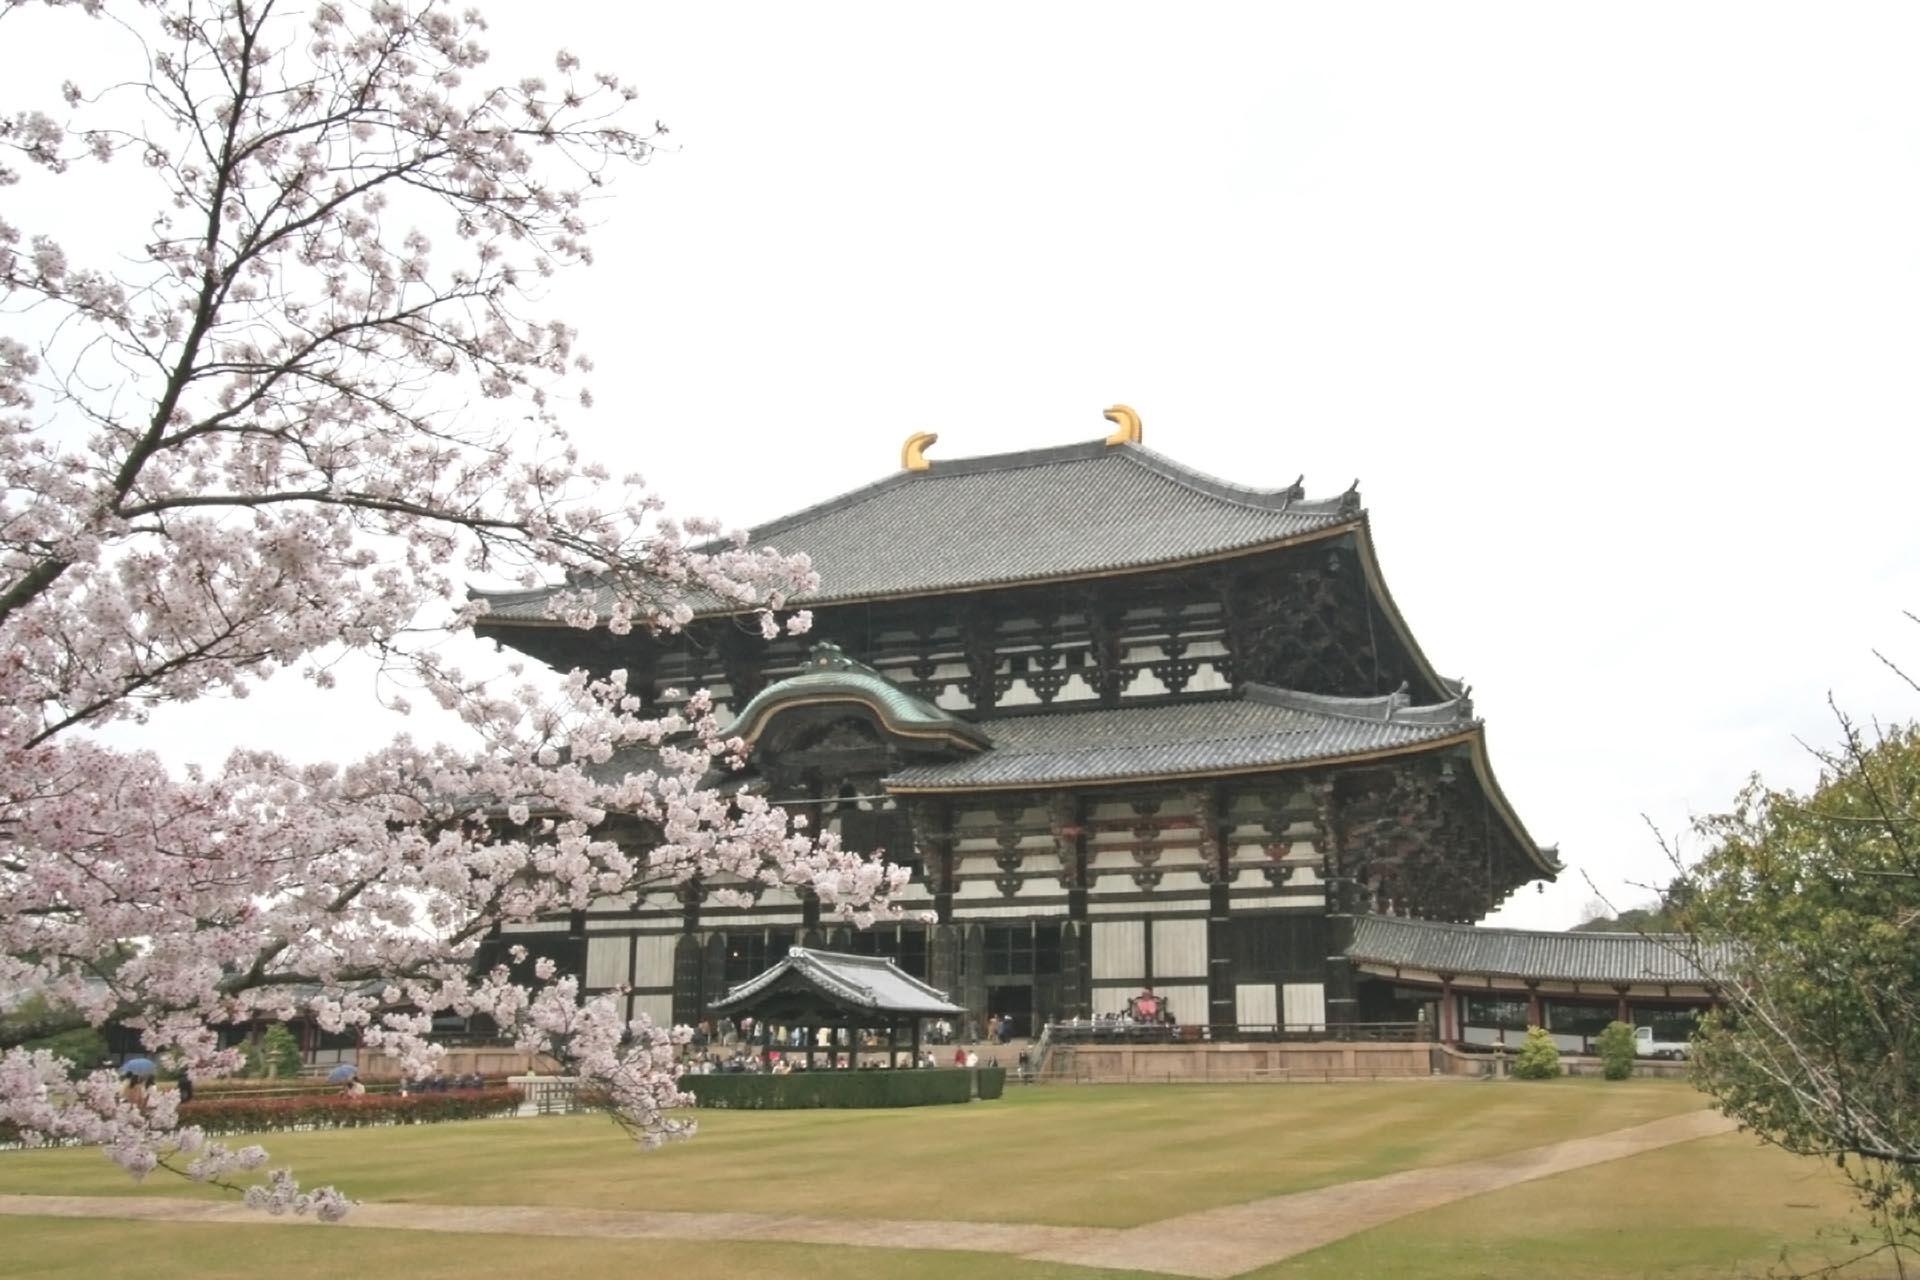 桜と東大寺 春の奈良の風景